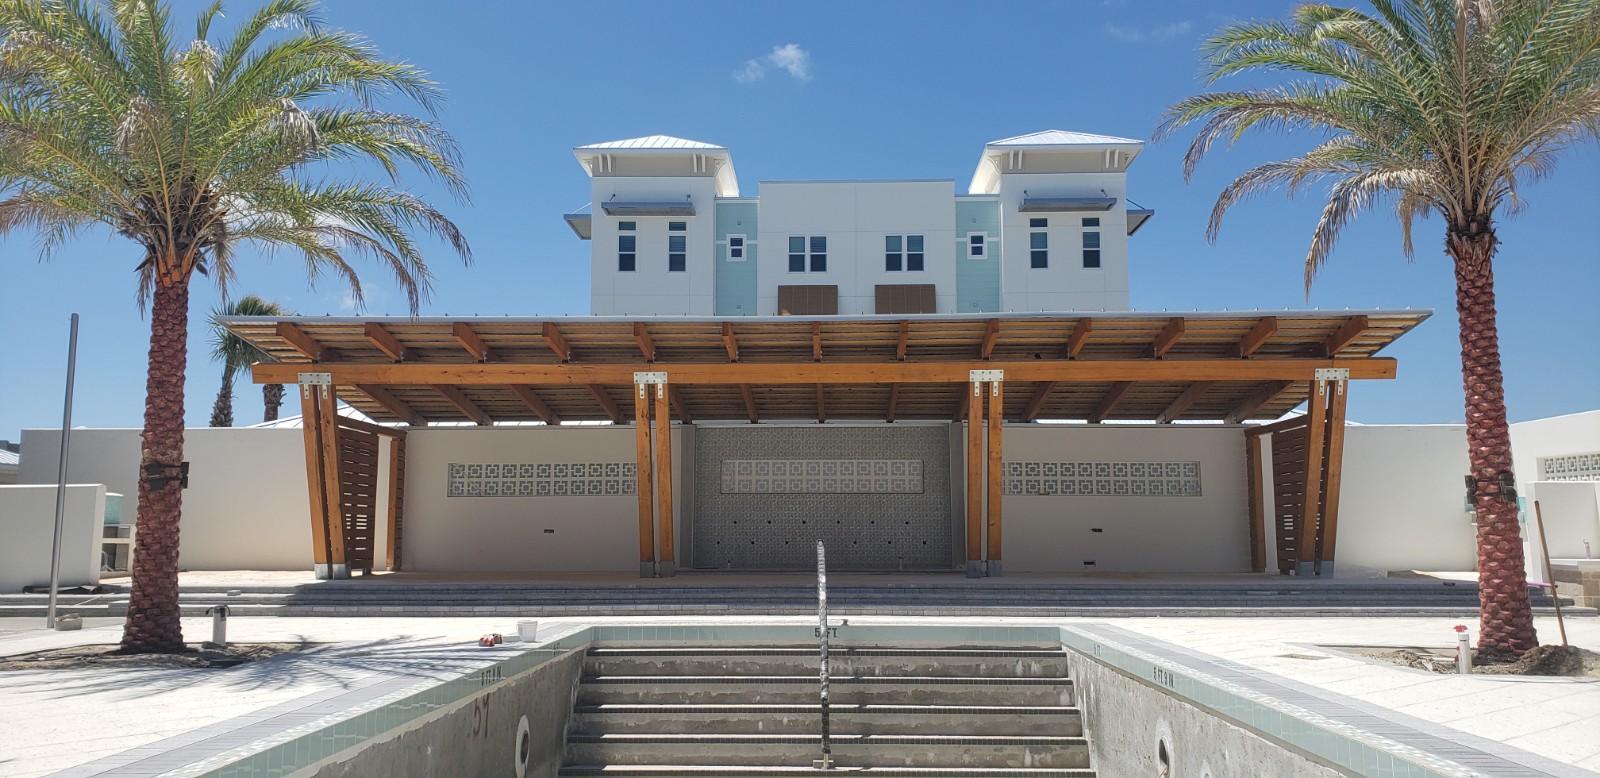 Pergola Installation and Pergola Design Kissimmee, FL